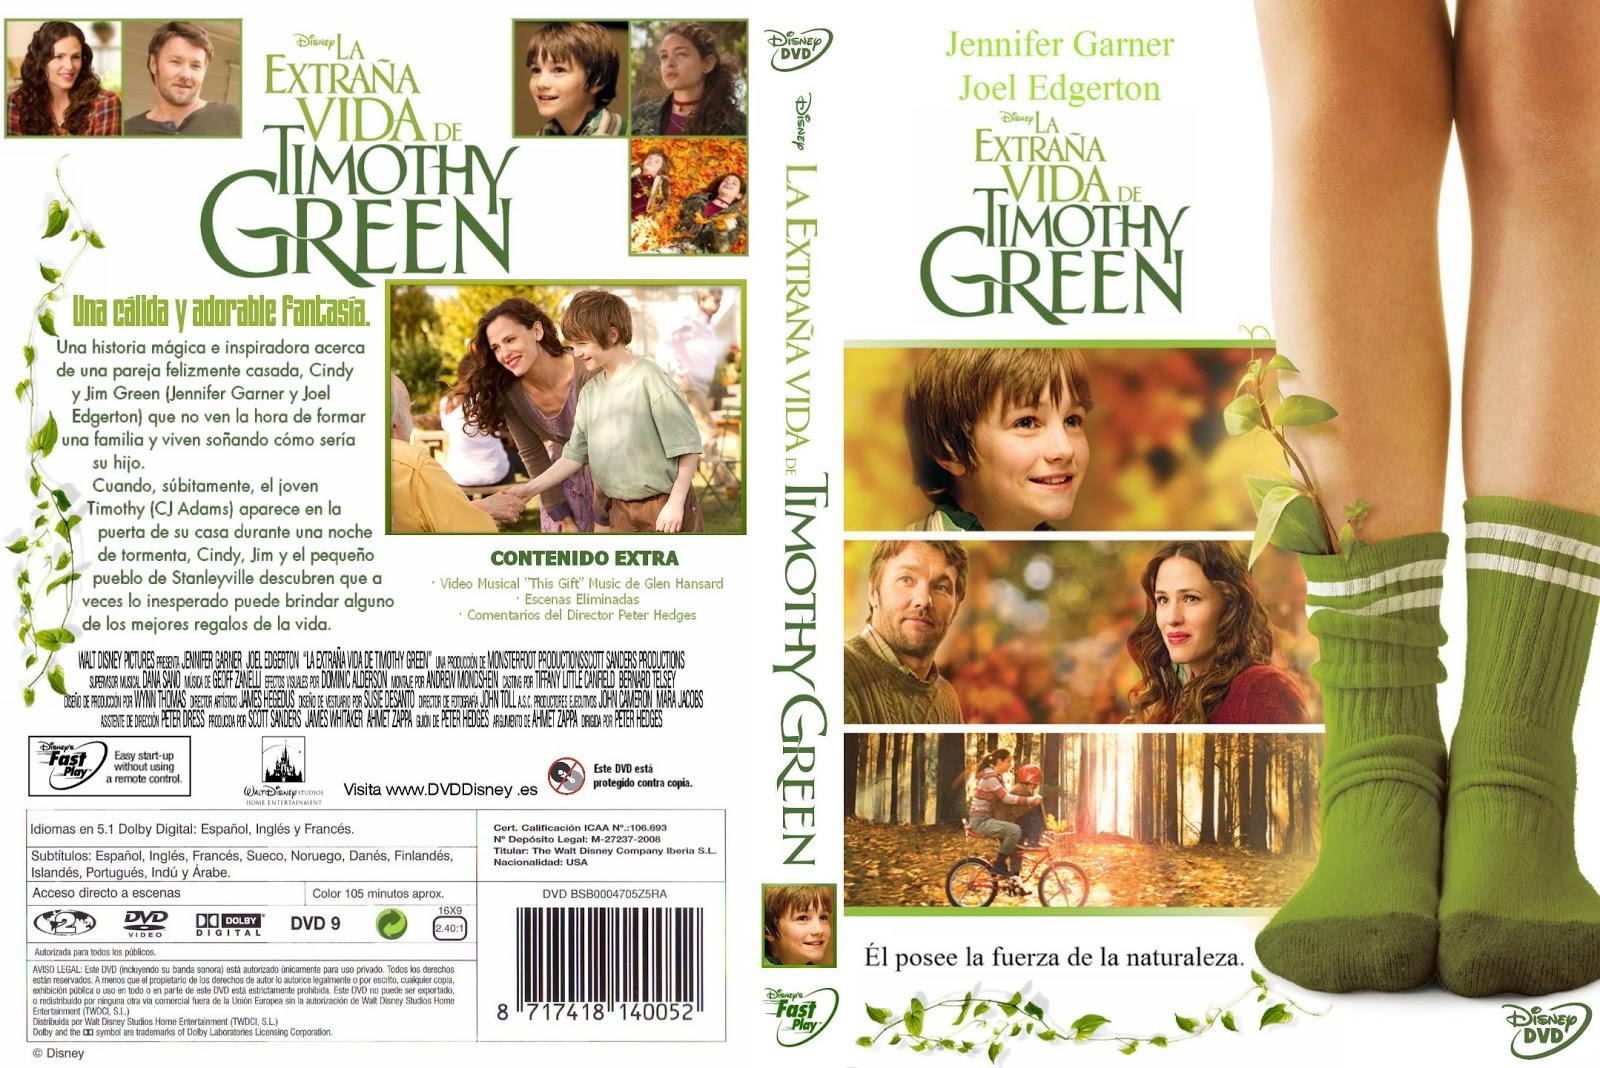 APORTE La Extraña Vida De Timothy Green completa latino